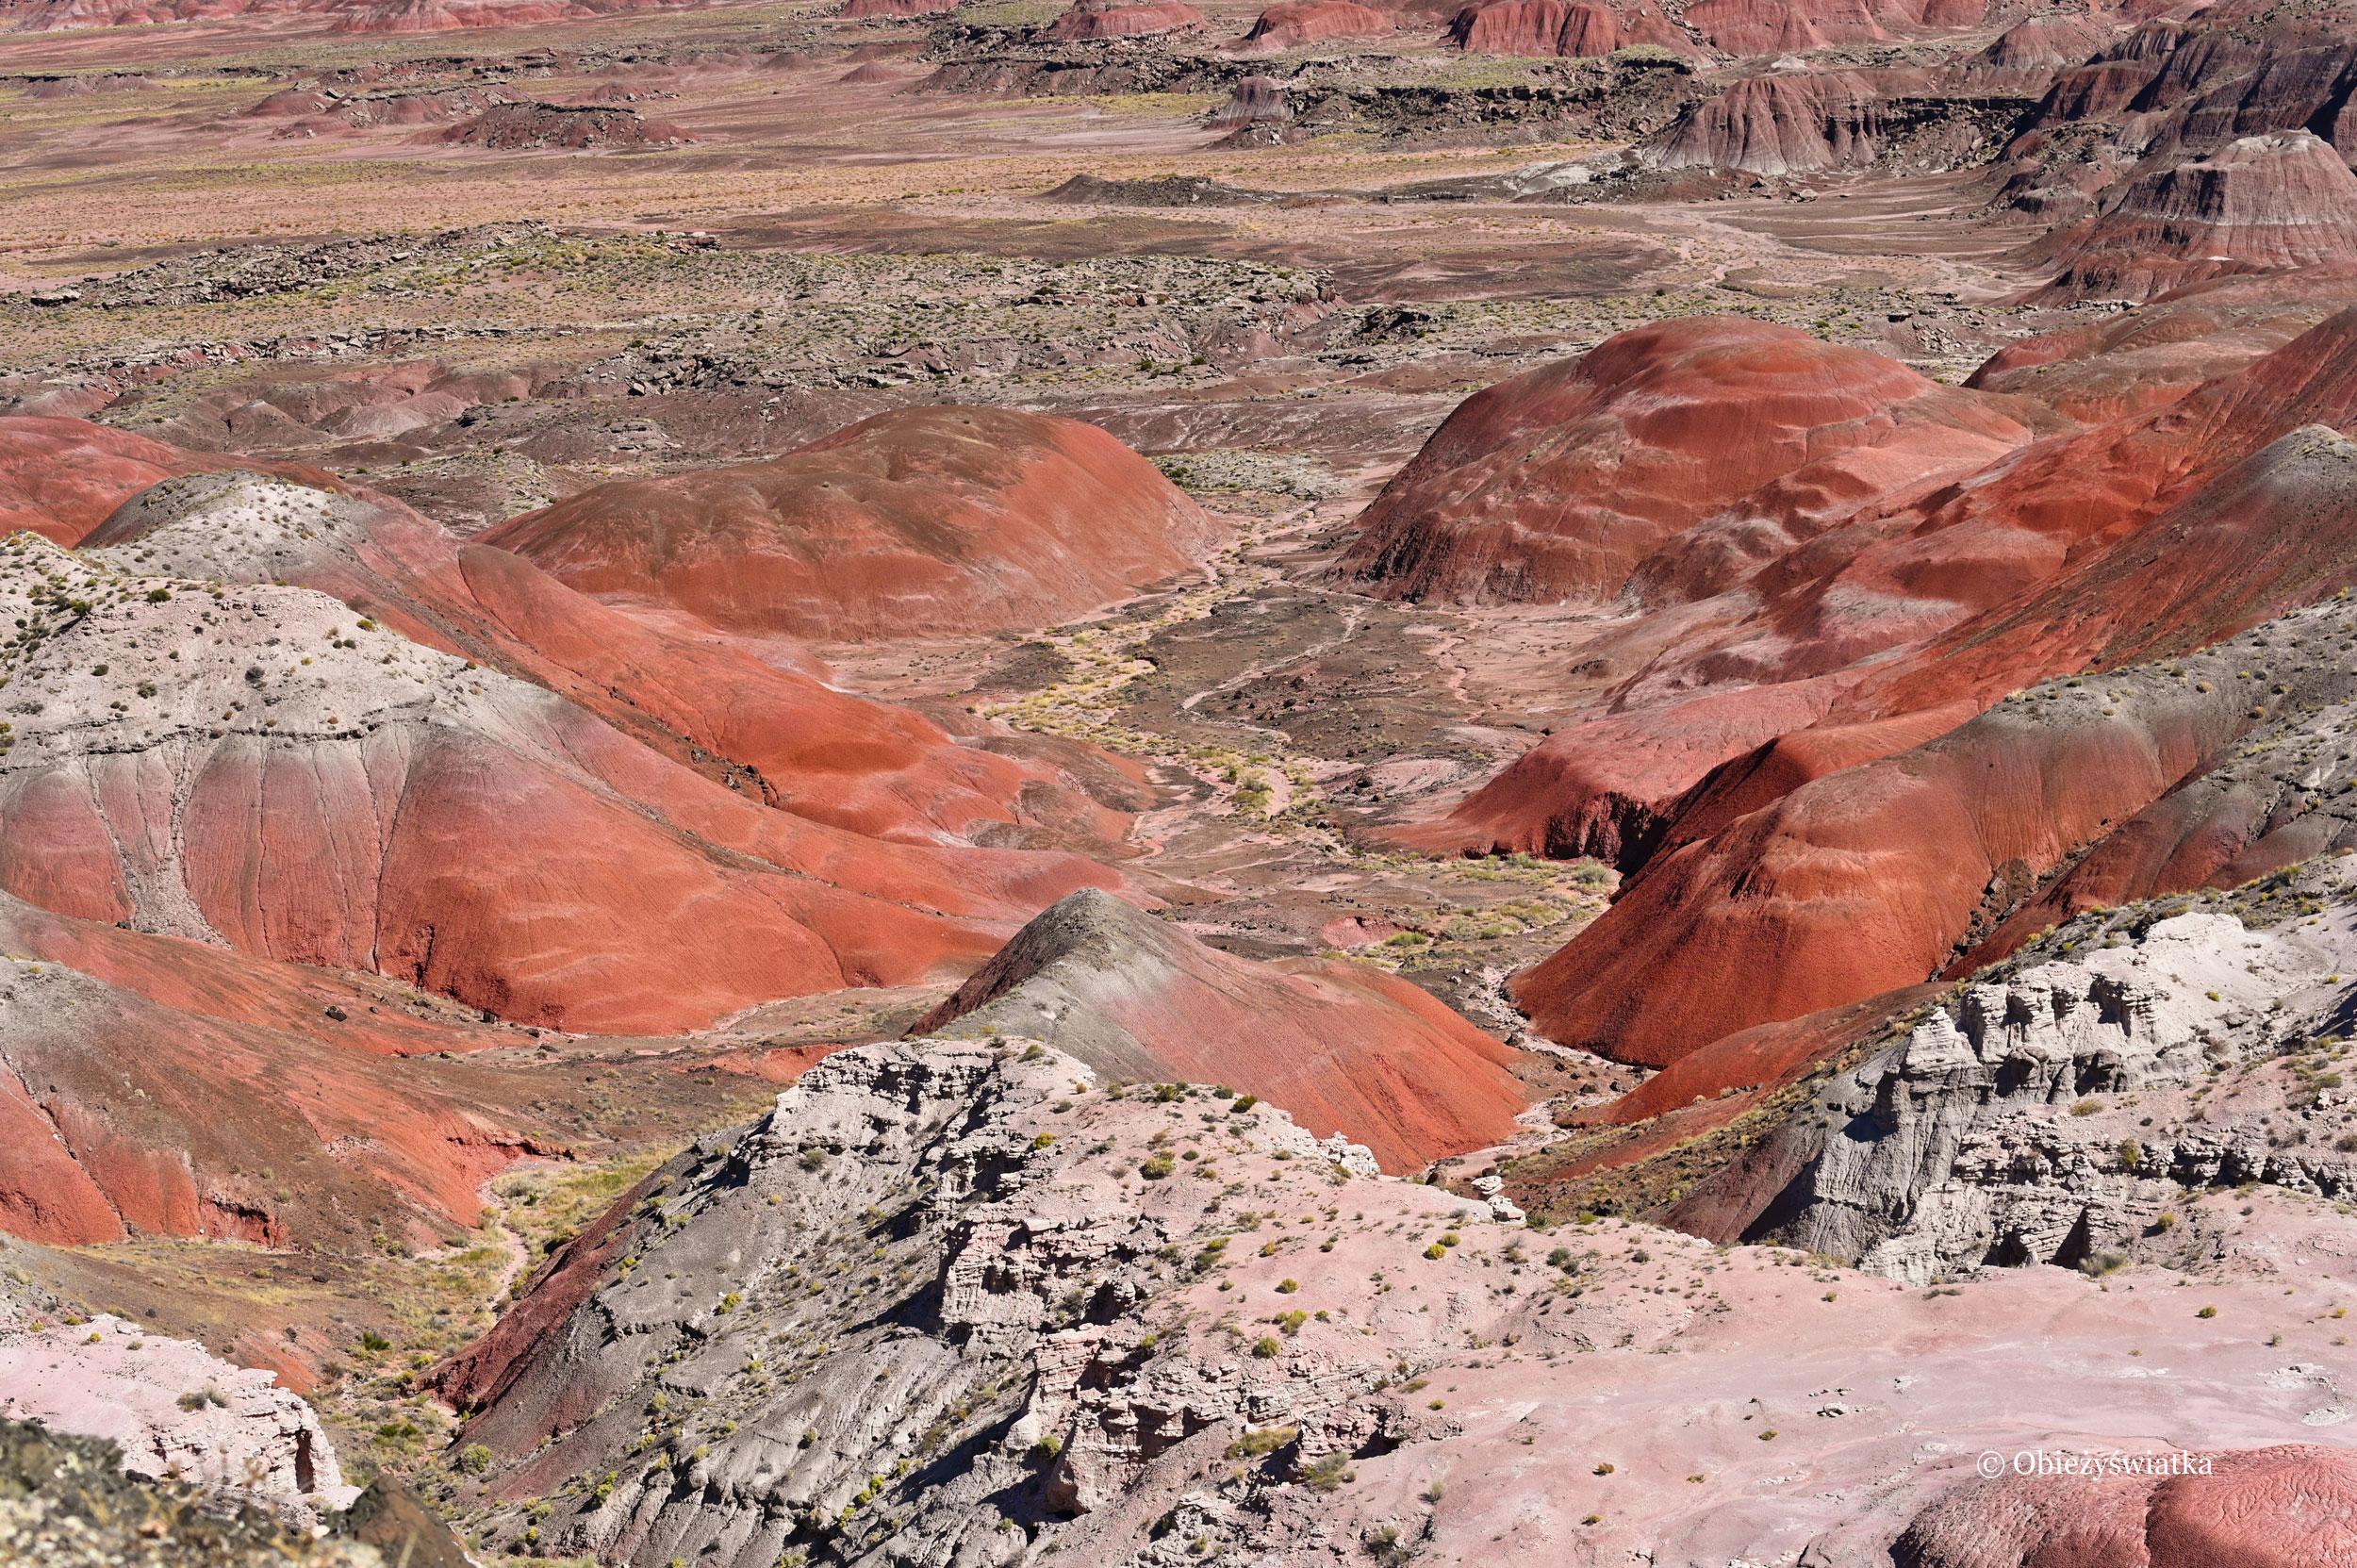 Fantastyczny krajobraz - Painted Desert, Arizona